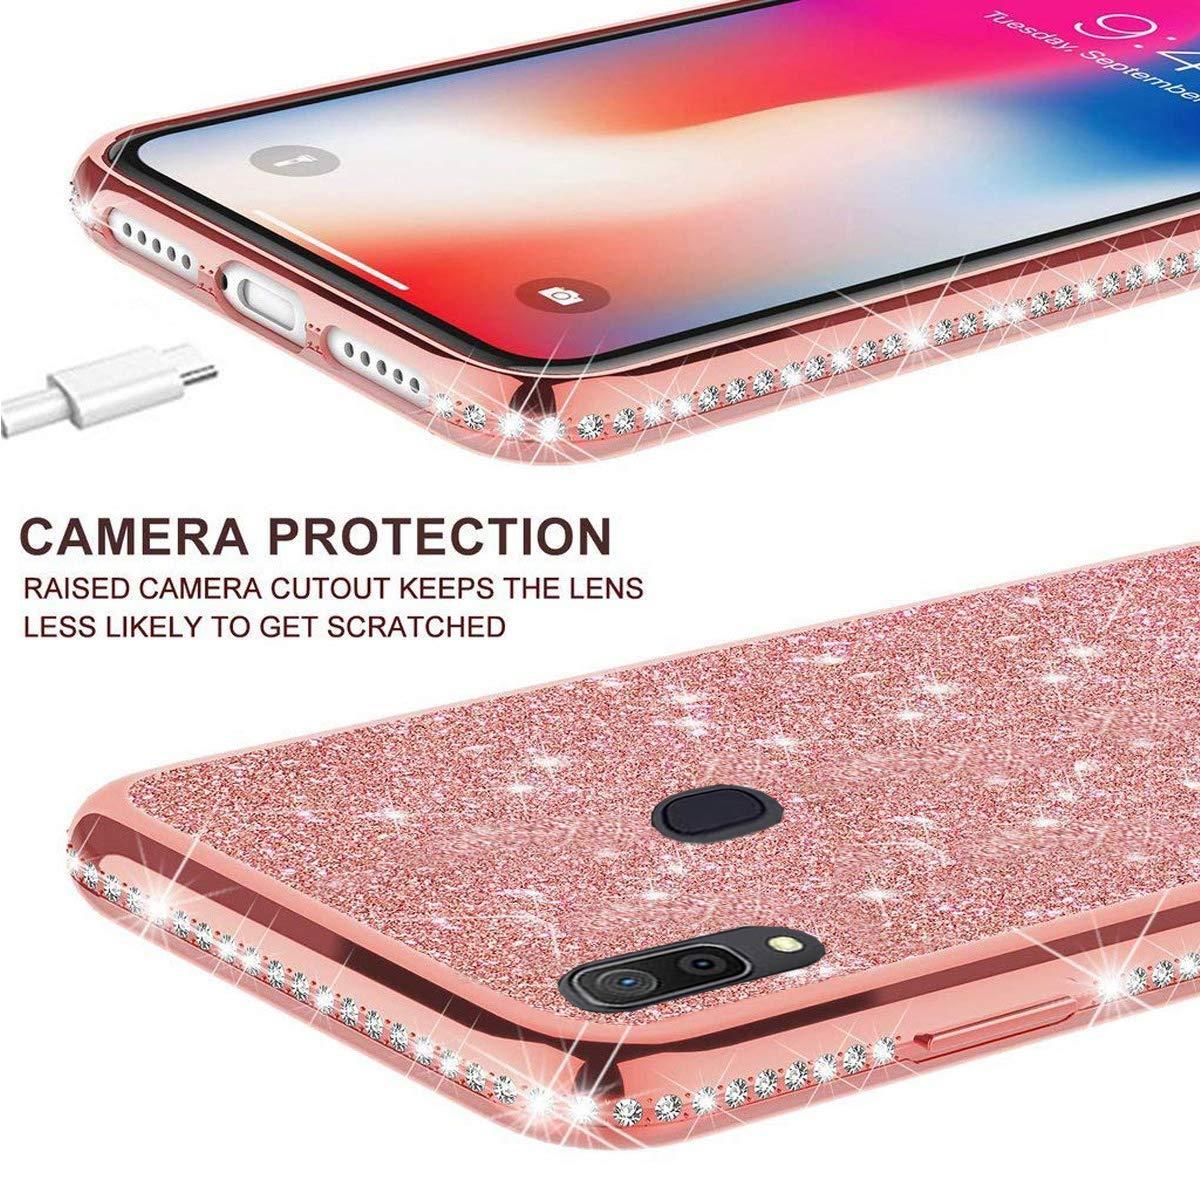 Karomenic kompatibel mit Samsung Galaxy A40 Silikon H/ülle Gl/änzend Bling Glitzer Schutzh/ülle Weiche TPU Handyh/ülle Diamant D/ünn Slim Bumper Tasche Case Cover f/ür Frauen M/ädchen,Schwarz